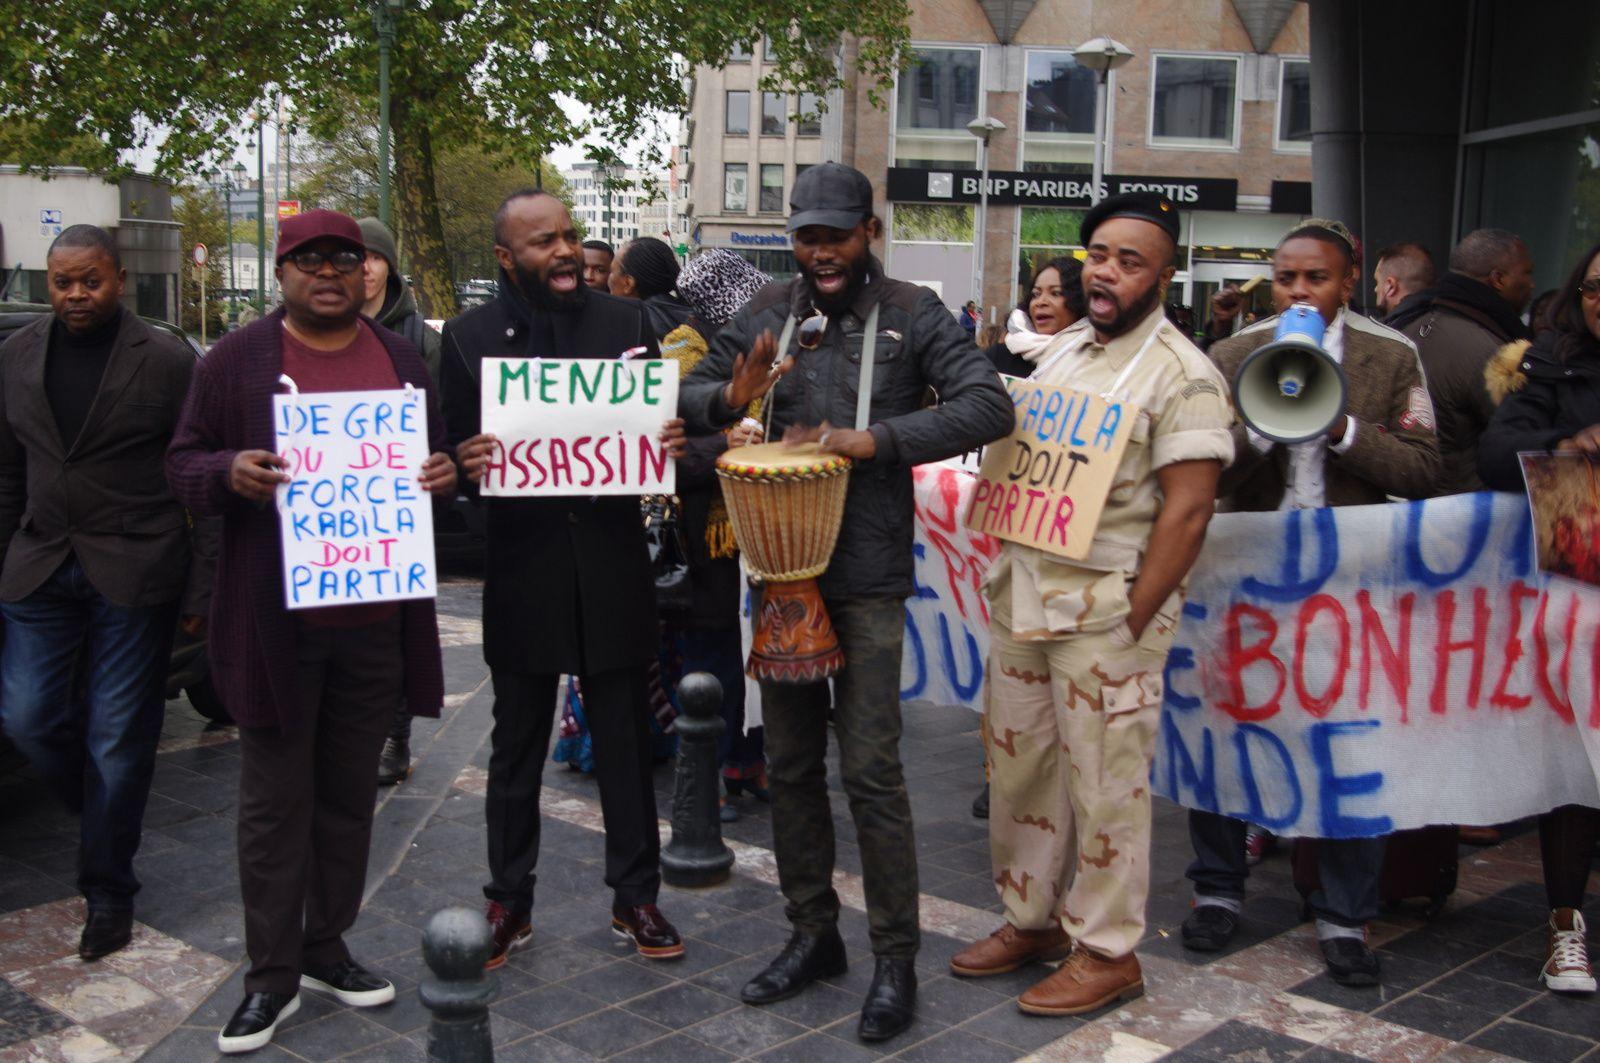 Bruxelles: Seulement 20 Congolais de Belgique pour le départ de Kabila le 31.12.2017